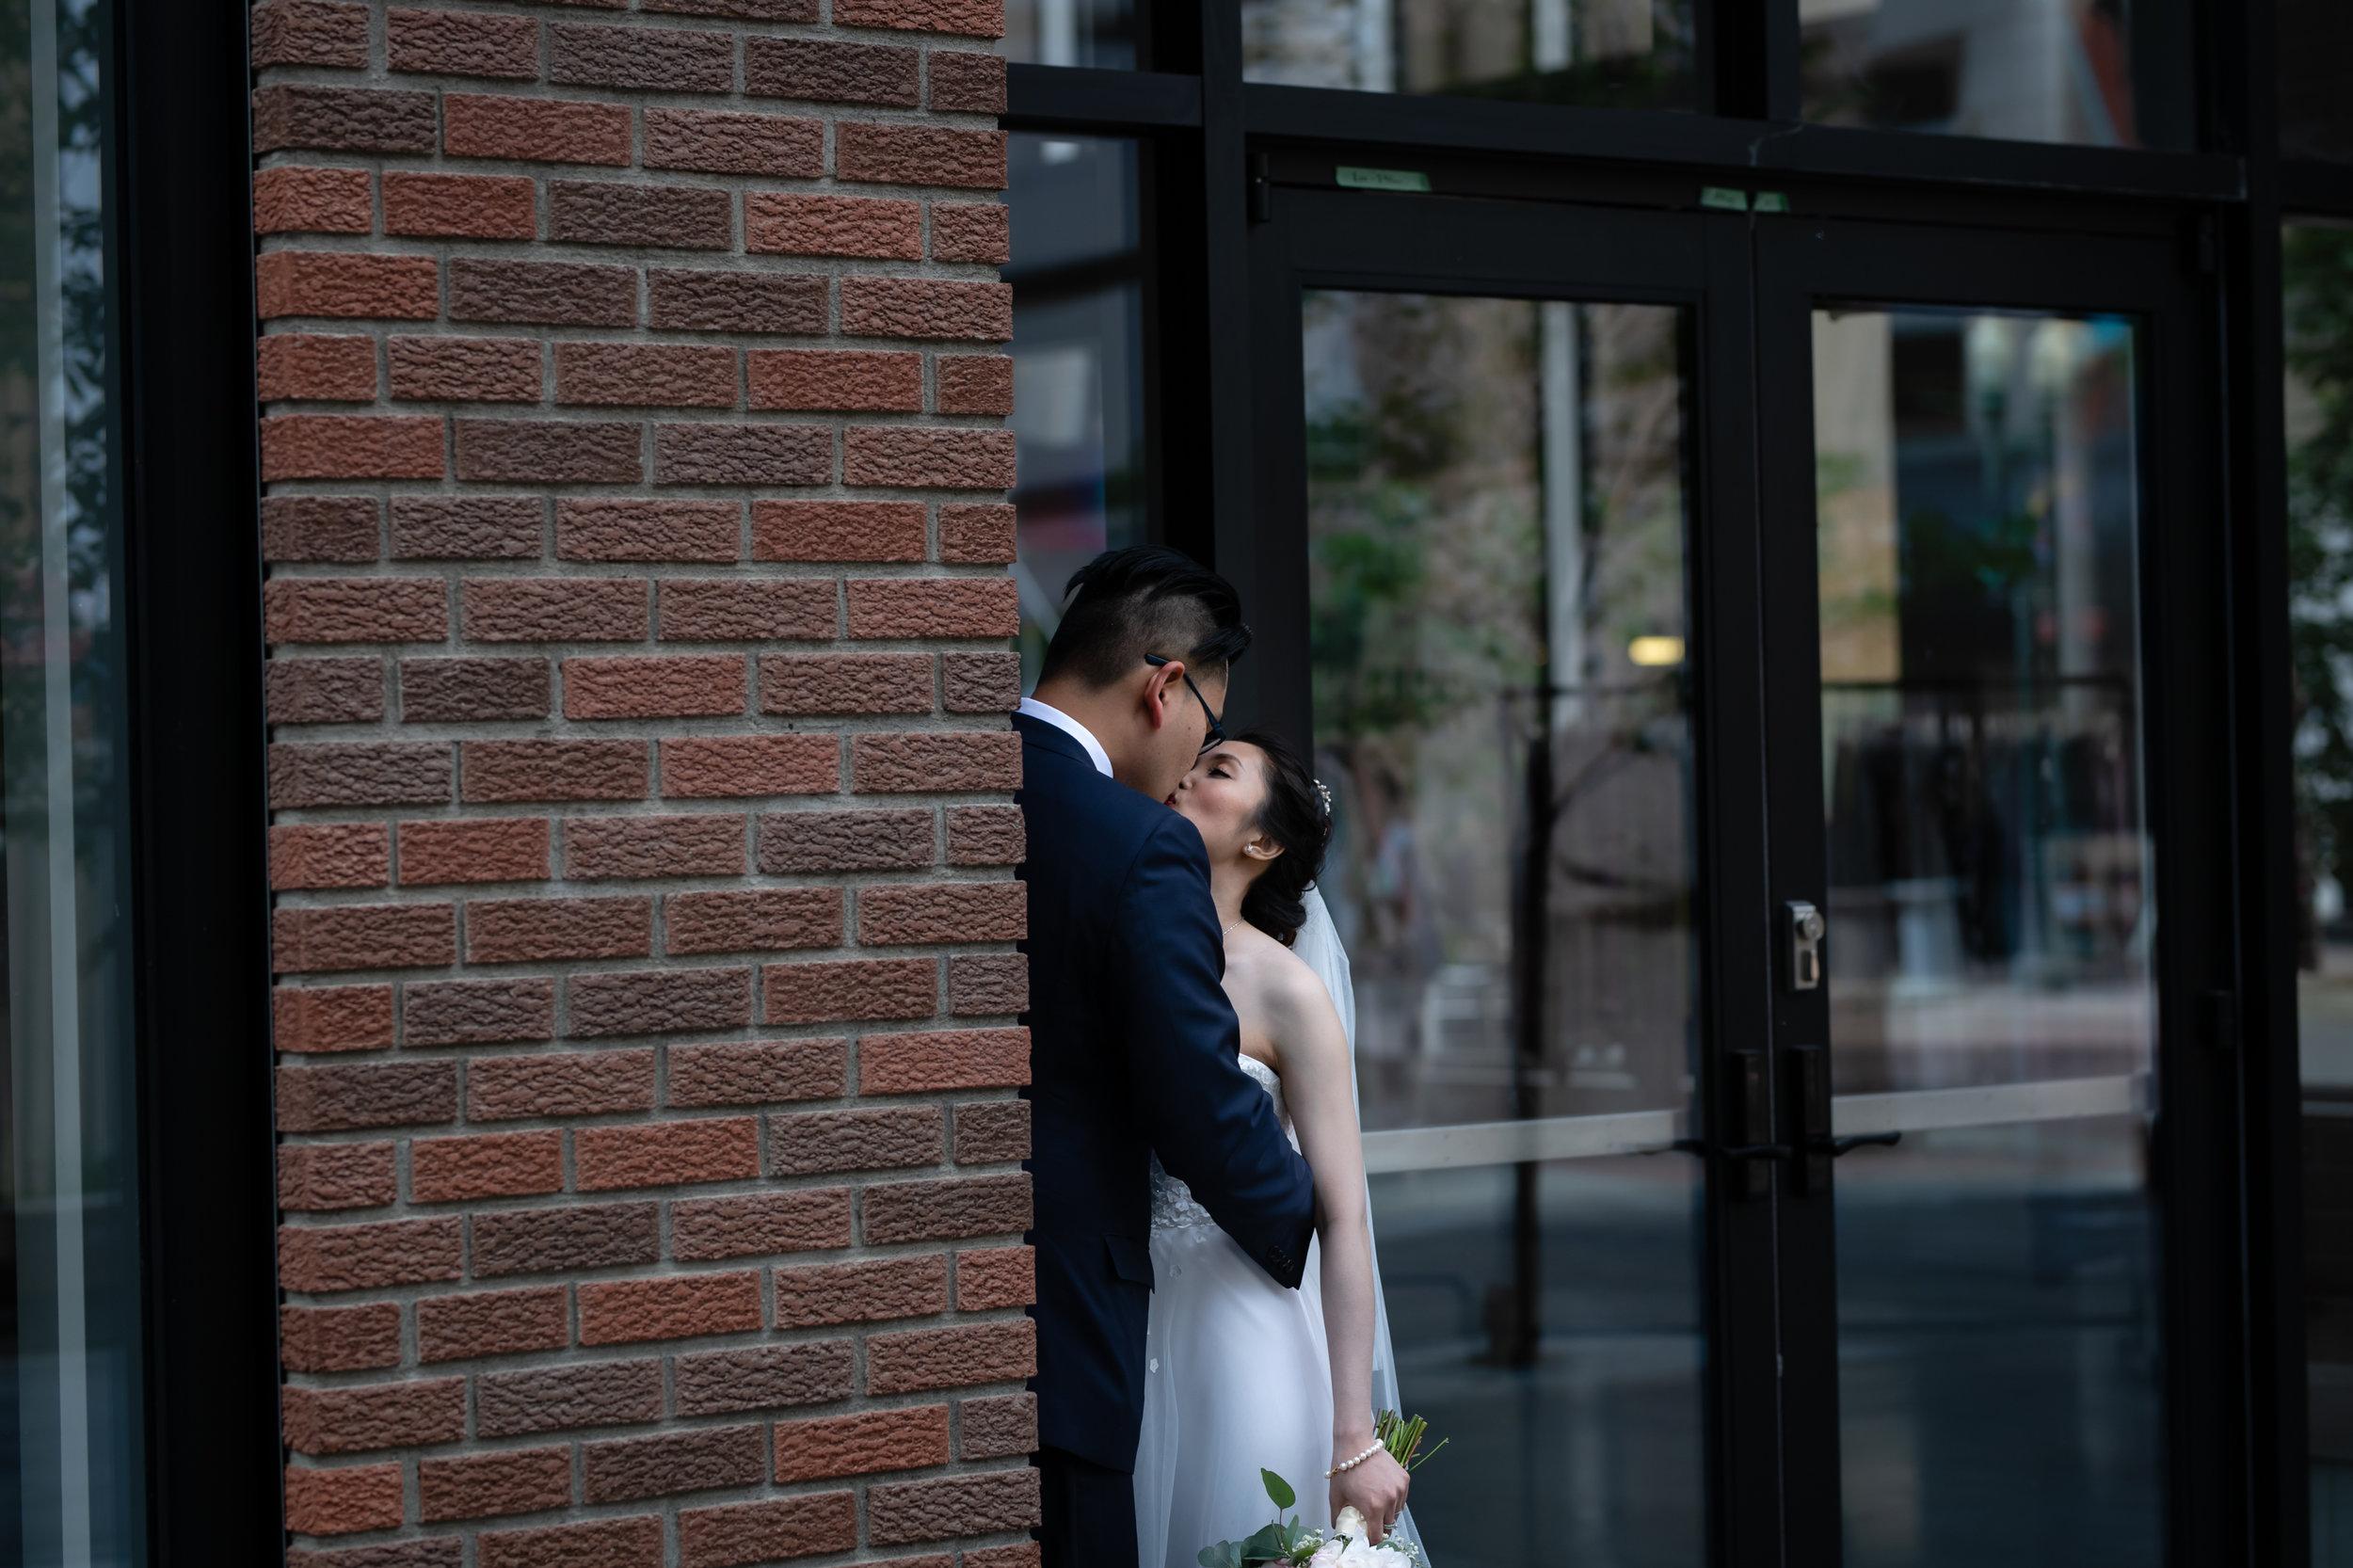 Selina_Chris_Wedding_Sneak_Peek_059.jpg